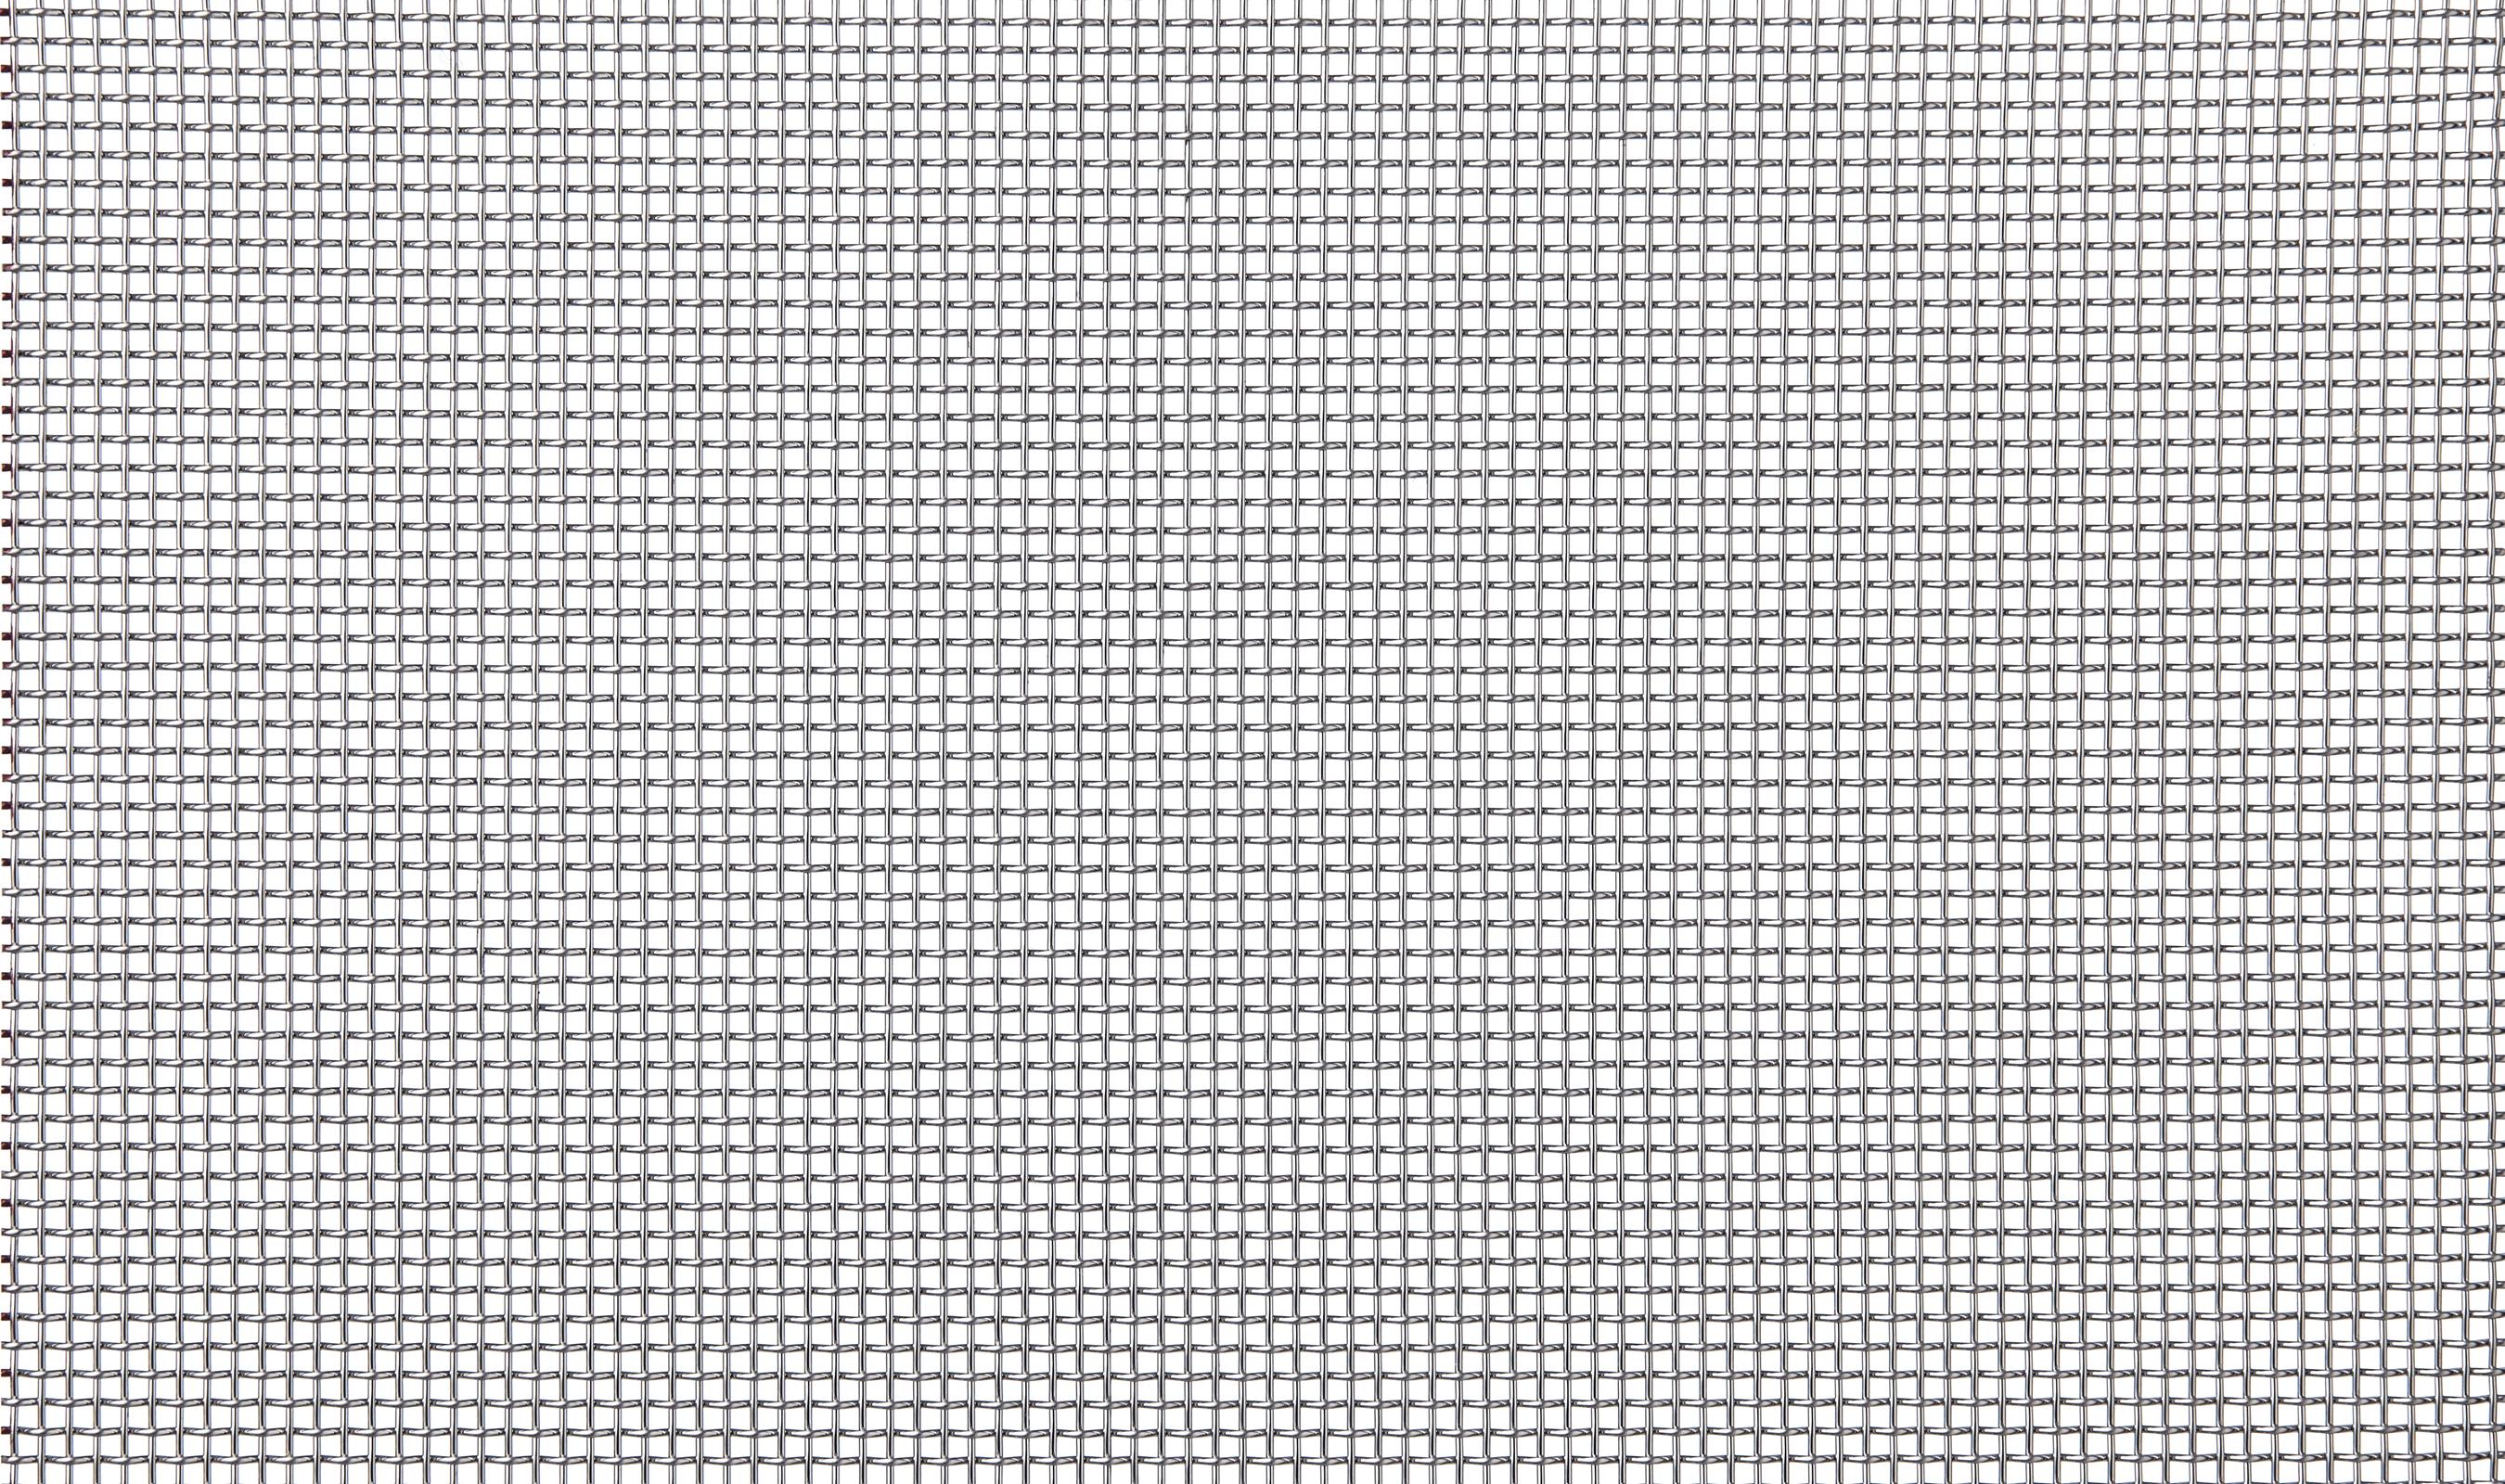 (P-96) 8 MESH .041 Plain Crimp Woven Wire Mesh